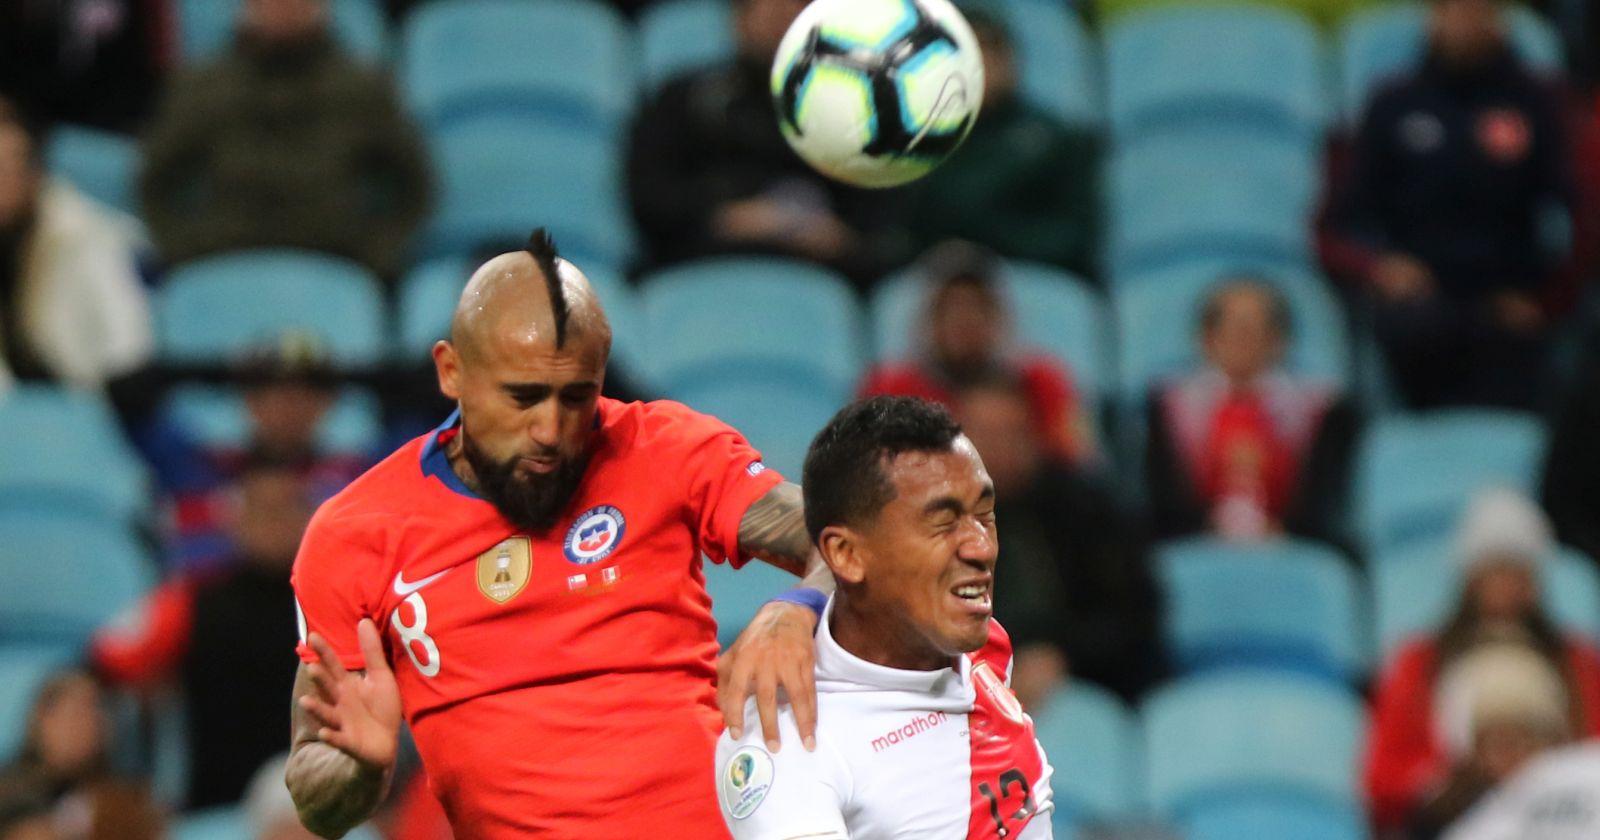 Clásico del Pacífico: los datos del duelo entre Chile y Perú por las clasificatorias